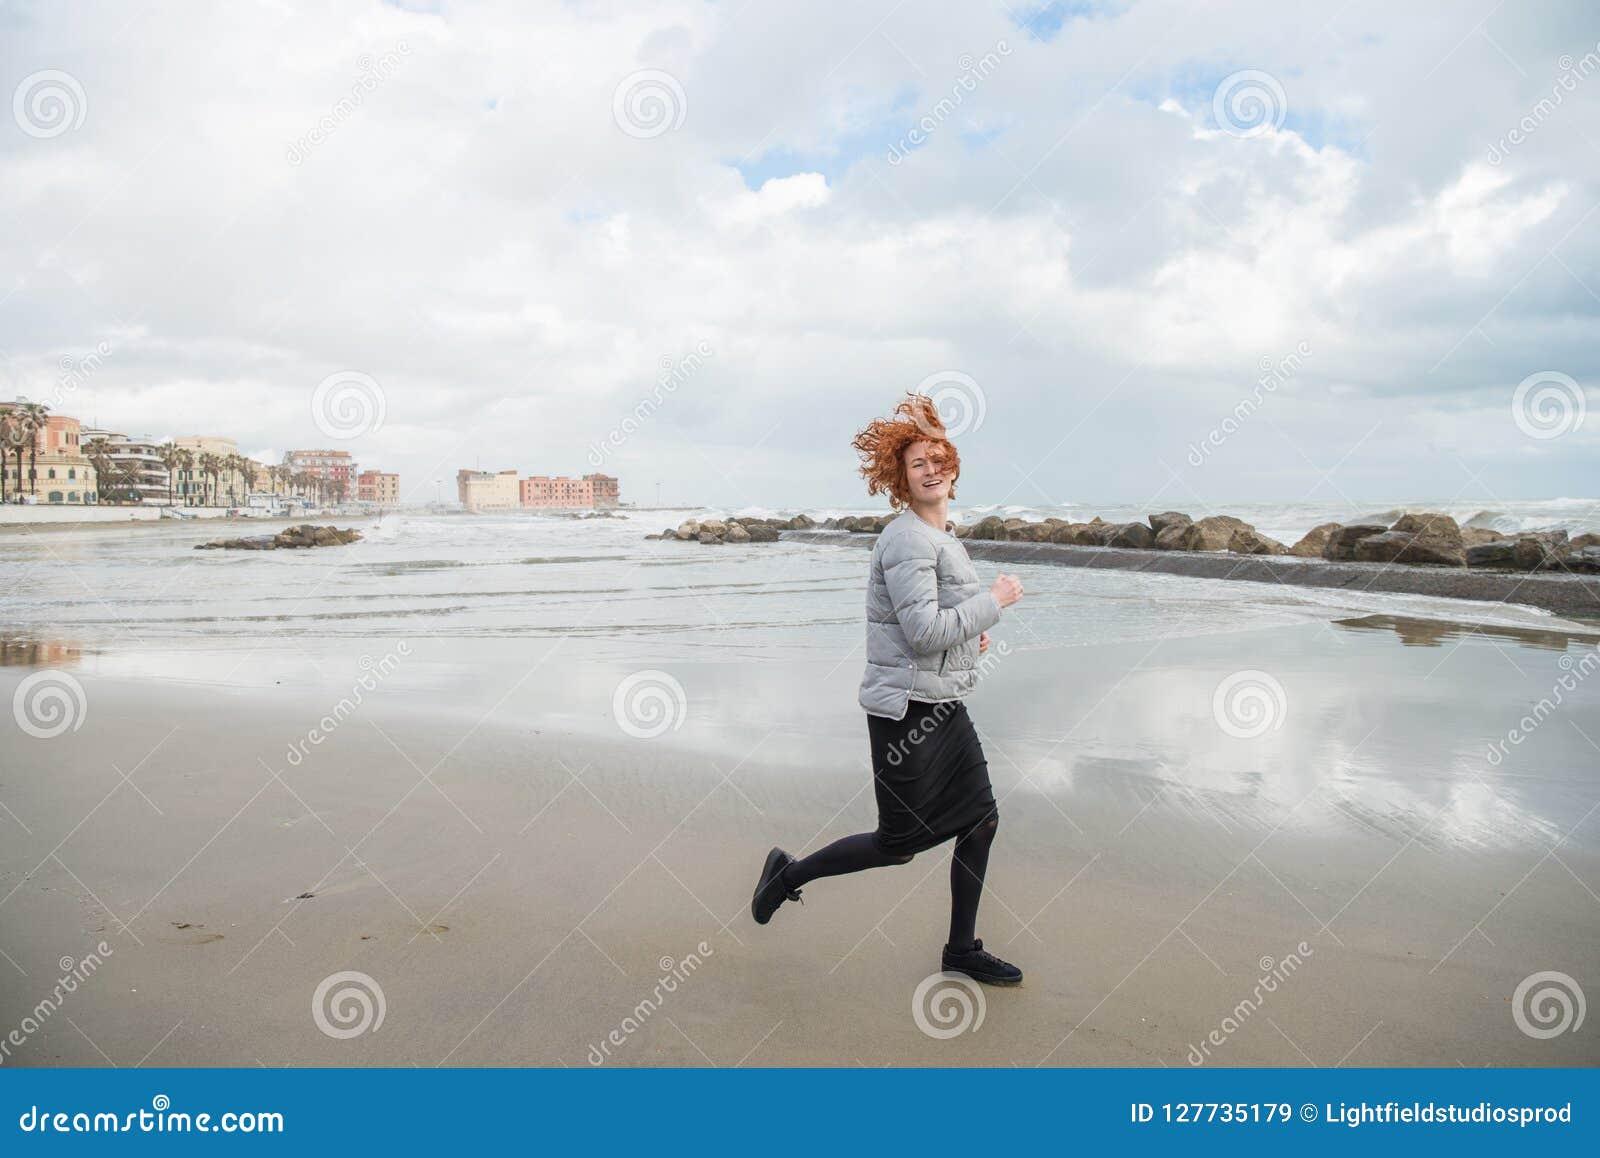 Glückliche junge Frau, die durch Küste am bewölkten Tag läuft